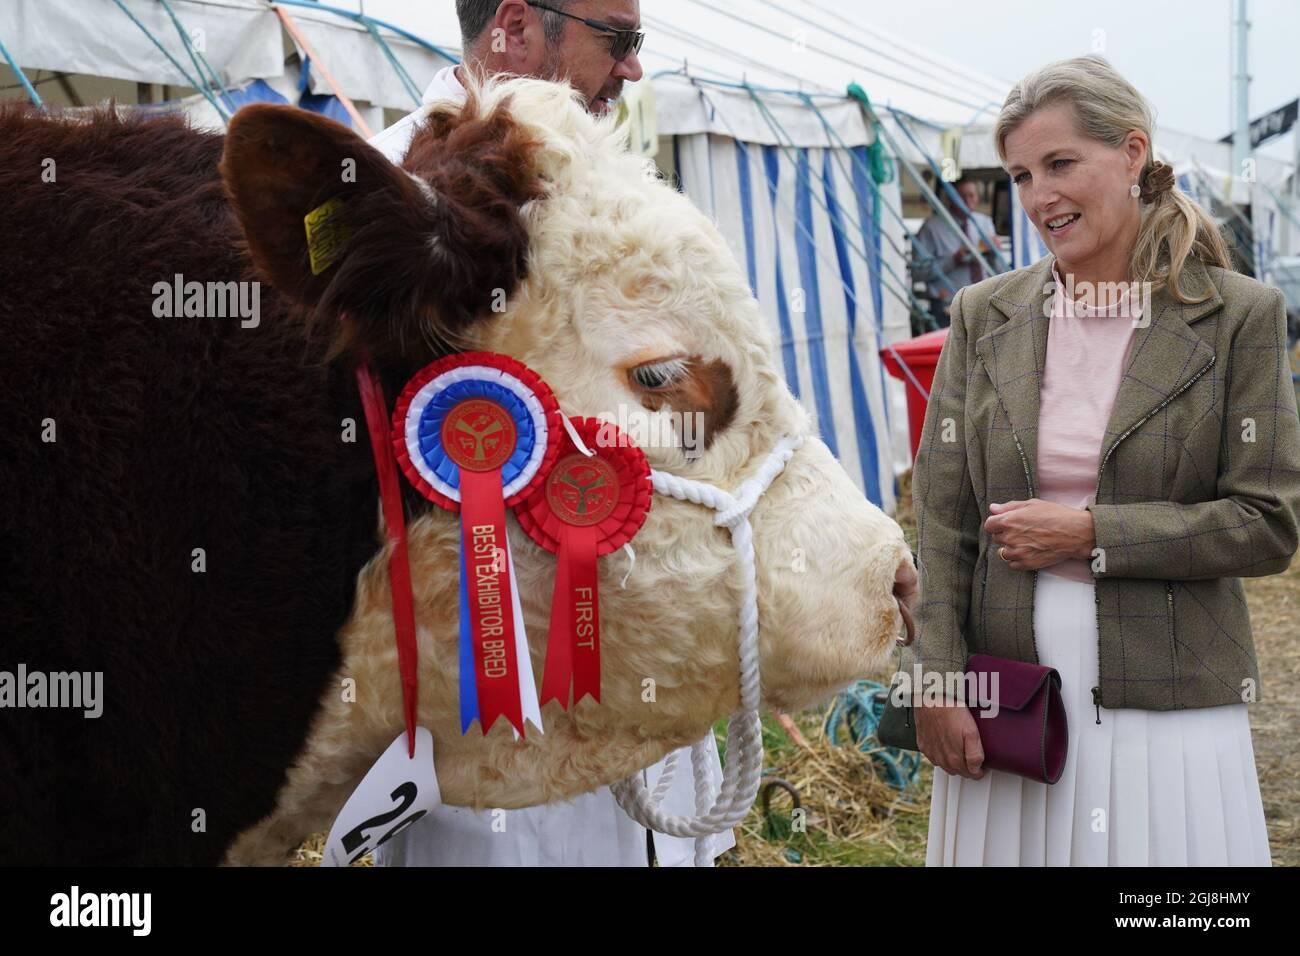 Die Gräfin von Wessex blickt auf den Champion Hereford-Bullen auf der Westmorland County Show in Crooklands, Cumbria, bevor die Prinzessin Royal und die Gräfin von Wessex einen Besuch abstatten. Bilddatum: Donnerstag, 9. September 2021. Stockfoto